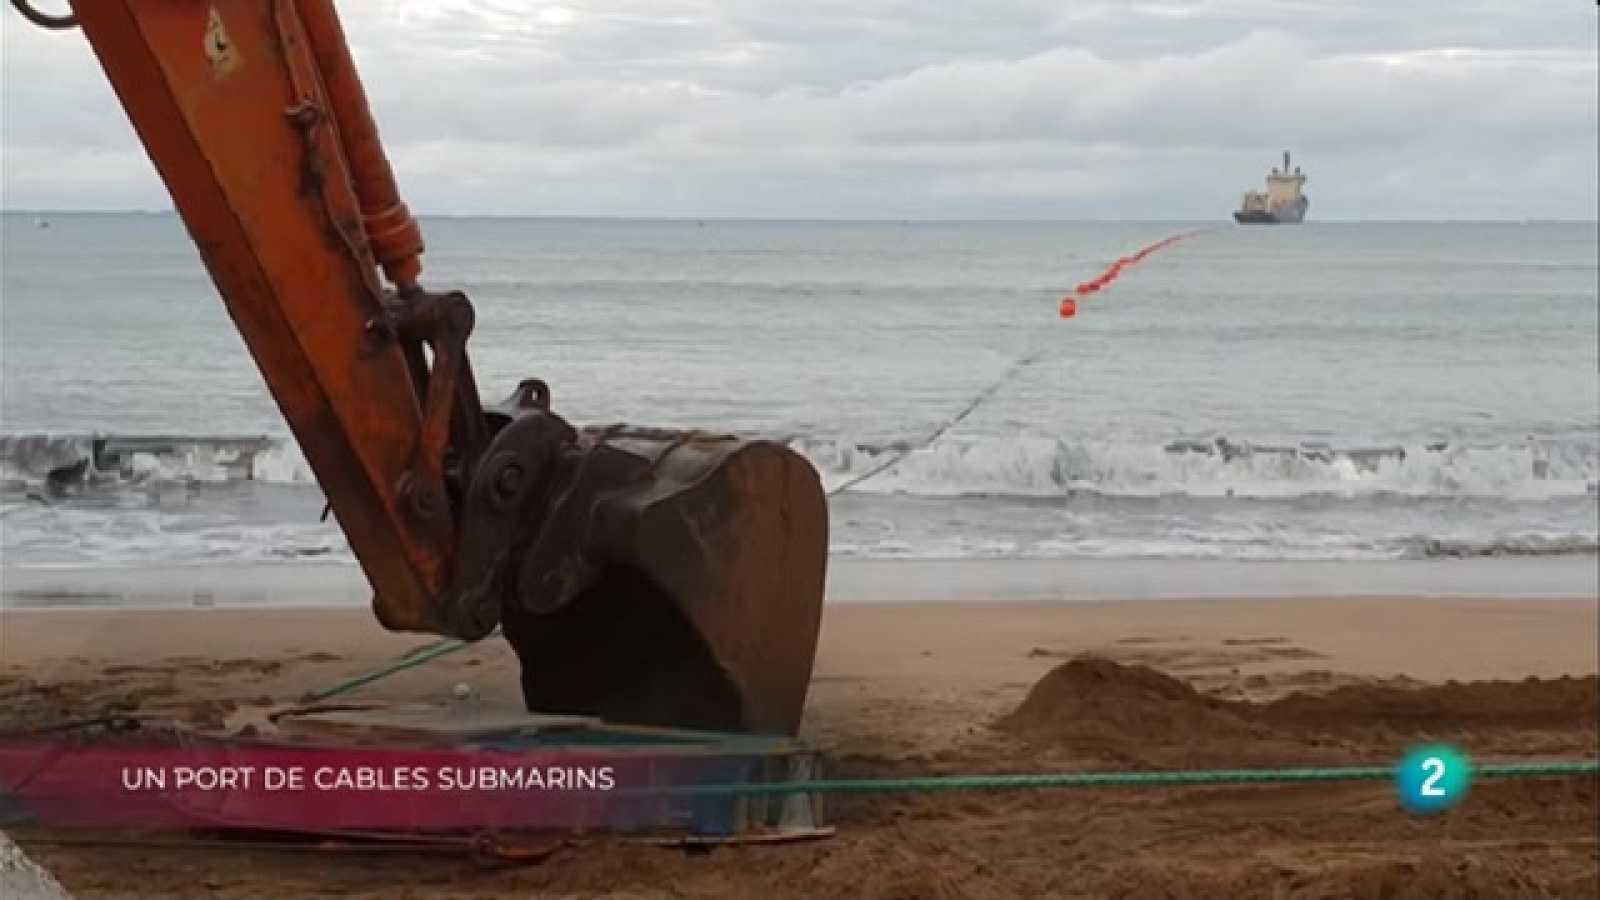 Port cables submarins, Reconnecta't, sense pantalles i Abelles, essencials  per la vida a La Metro